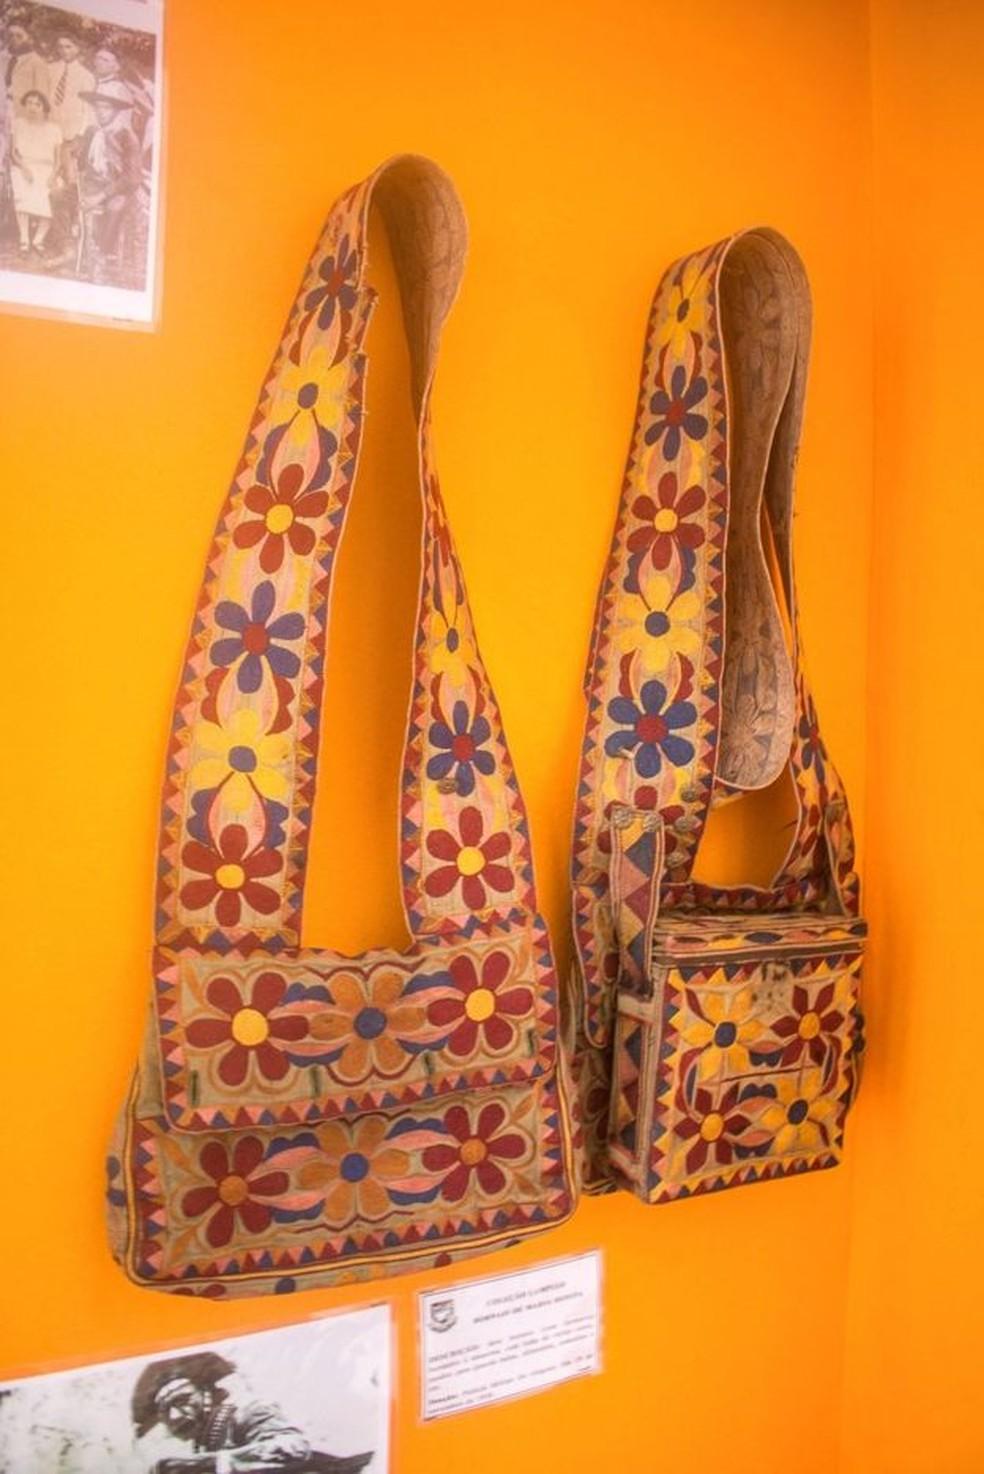 Perícia também analisou bornais (bolsas usadas pelo cangaço) de Lampião — Foto: Ingryd Alves/BBC